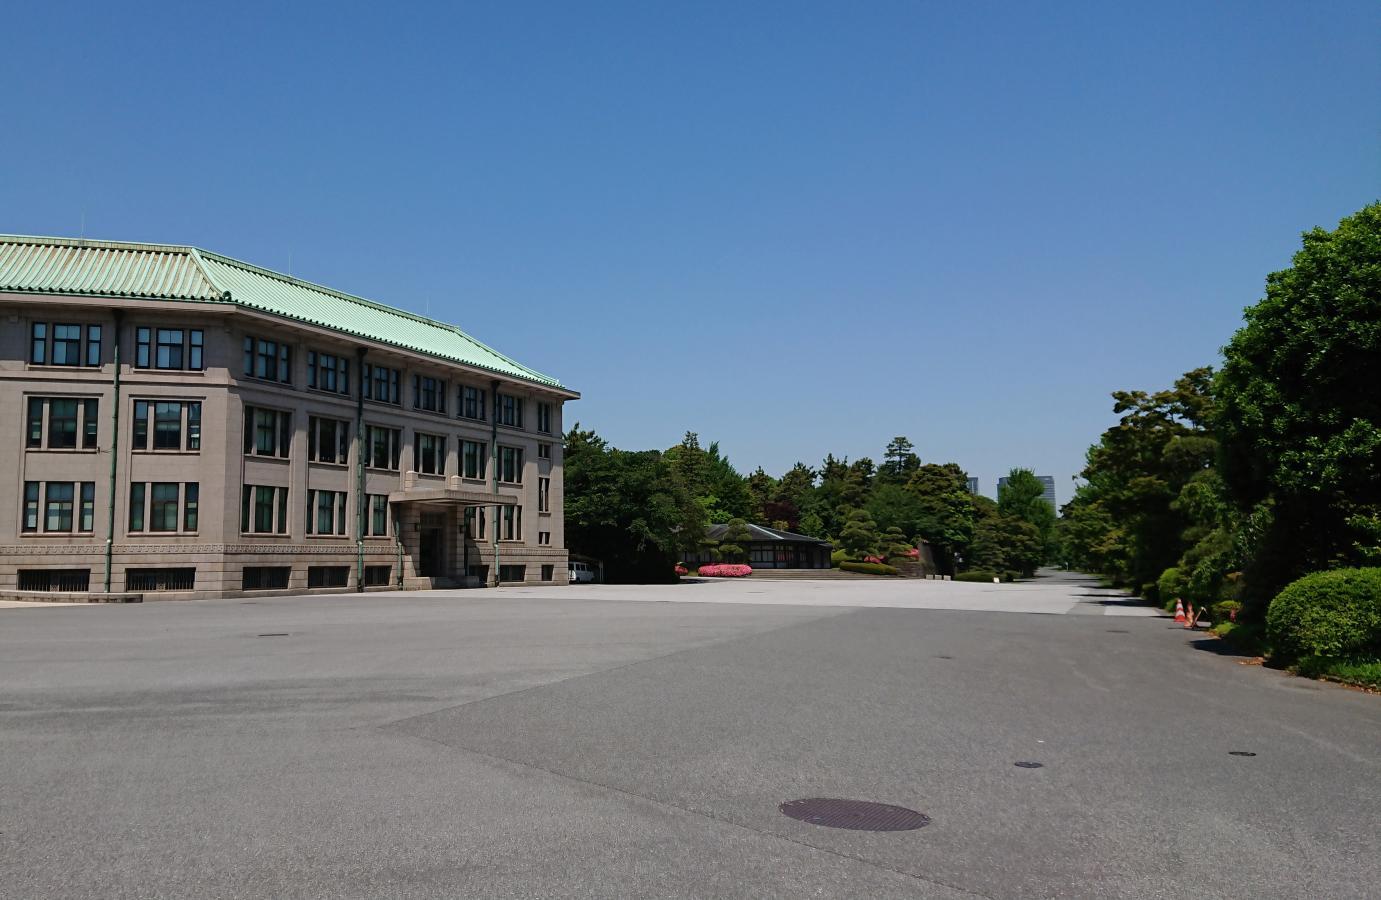 宮内庁庁舎の外観です。